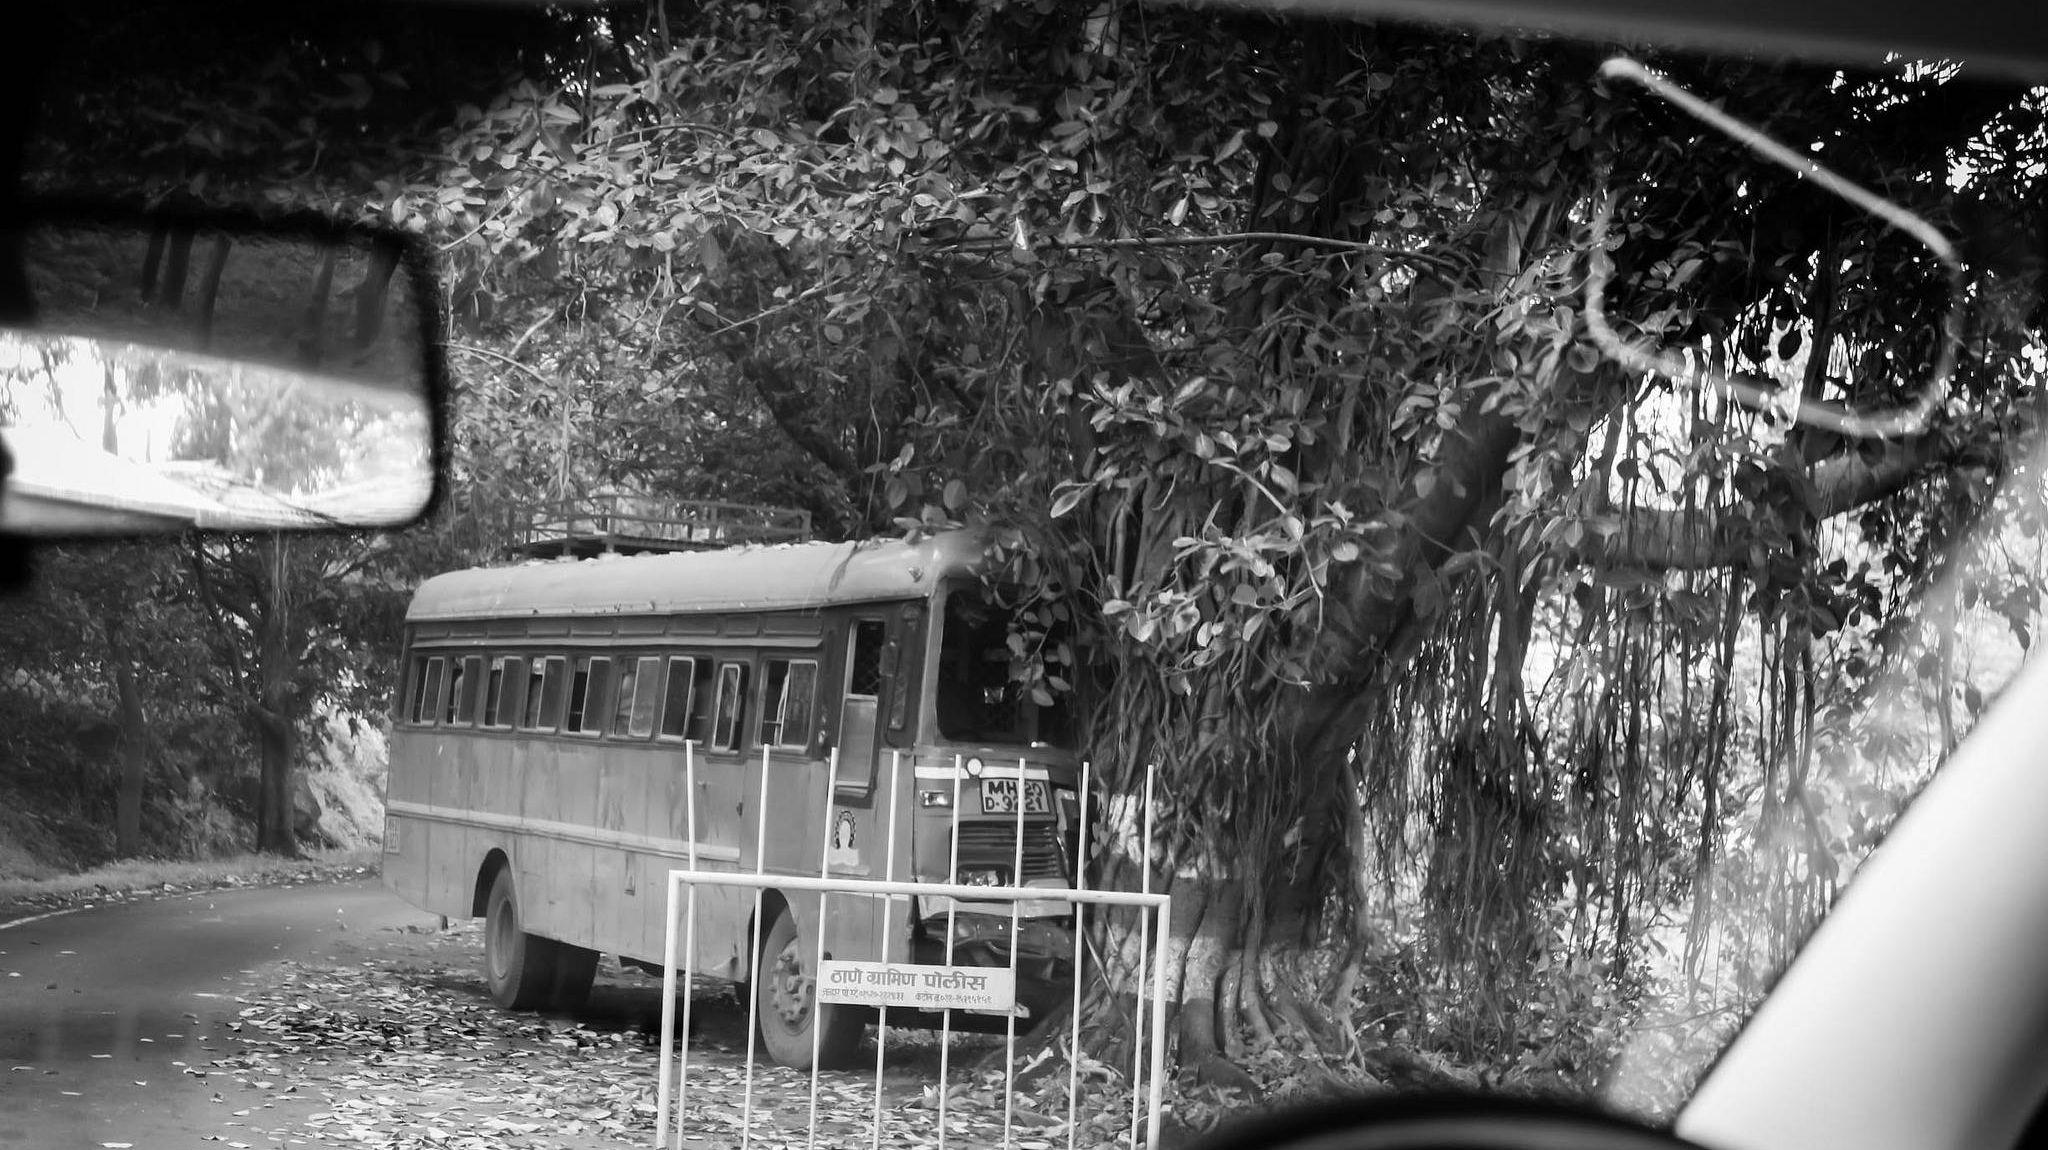 Столкновение автобуса с деревом